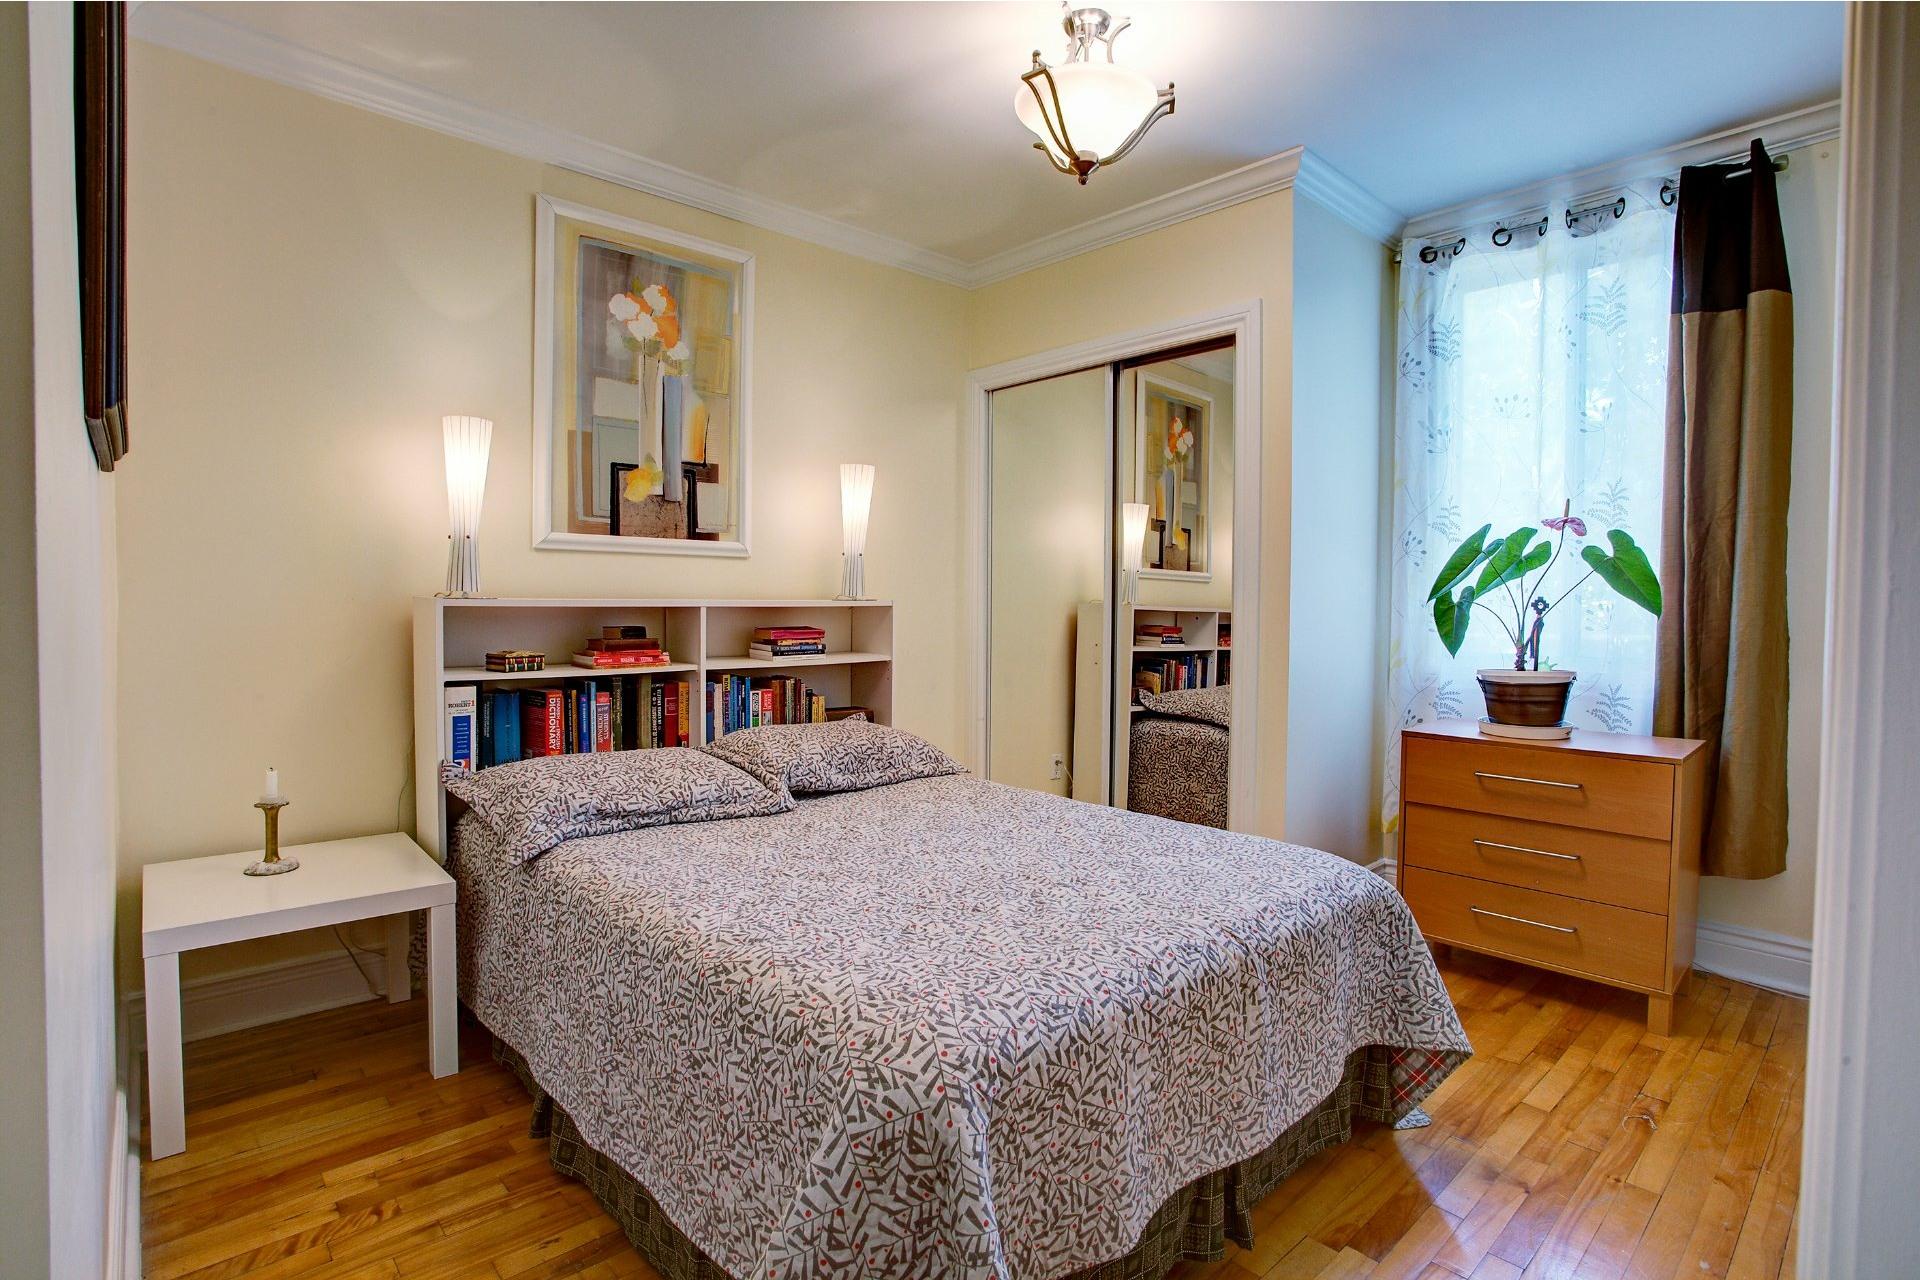 image 9 - Duplex En venta Montréal Côte-des-Neiges/Notre-Dame-de-Grâce  - 5 habitaciones